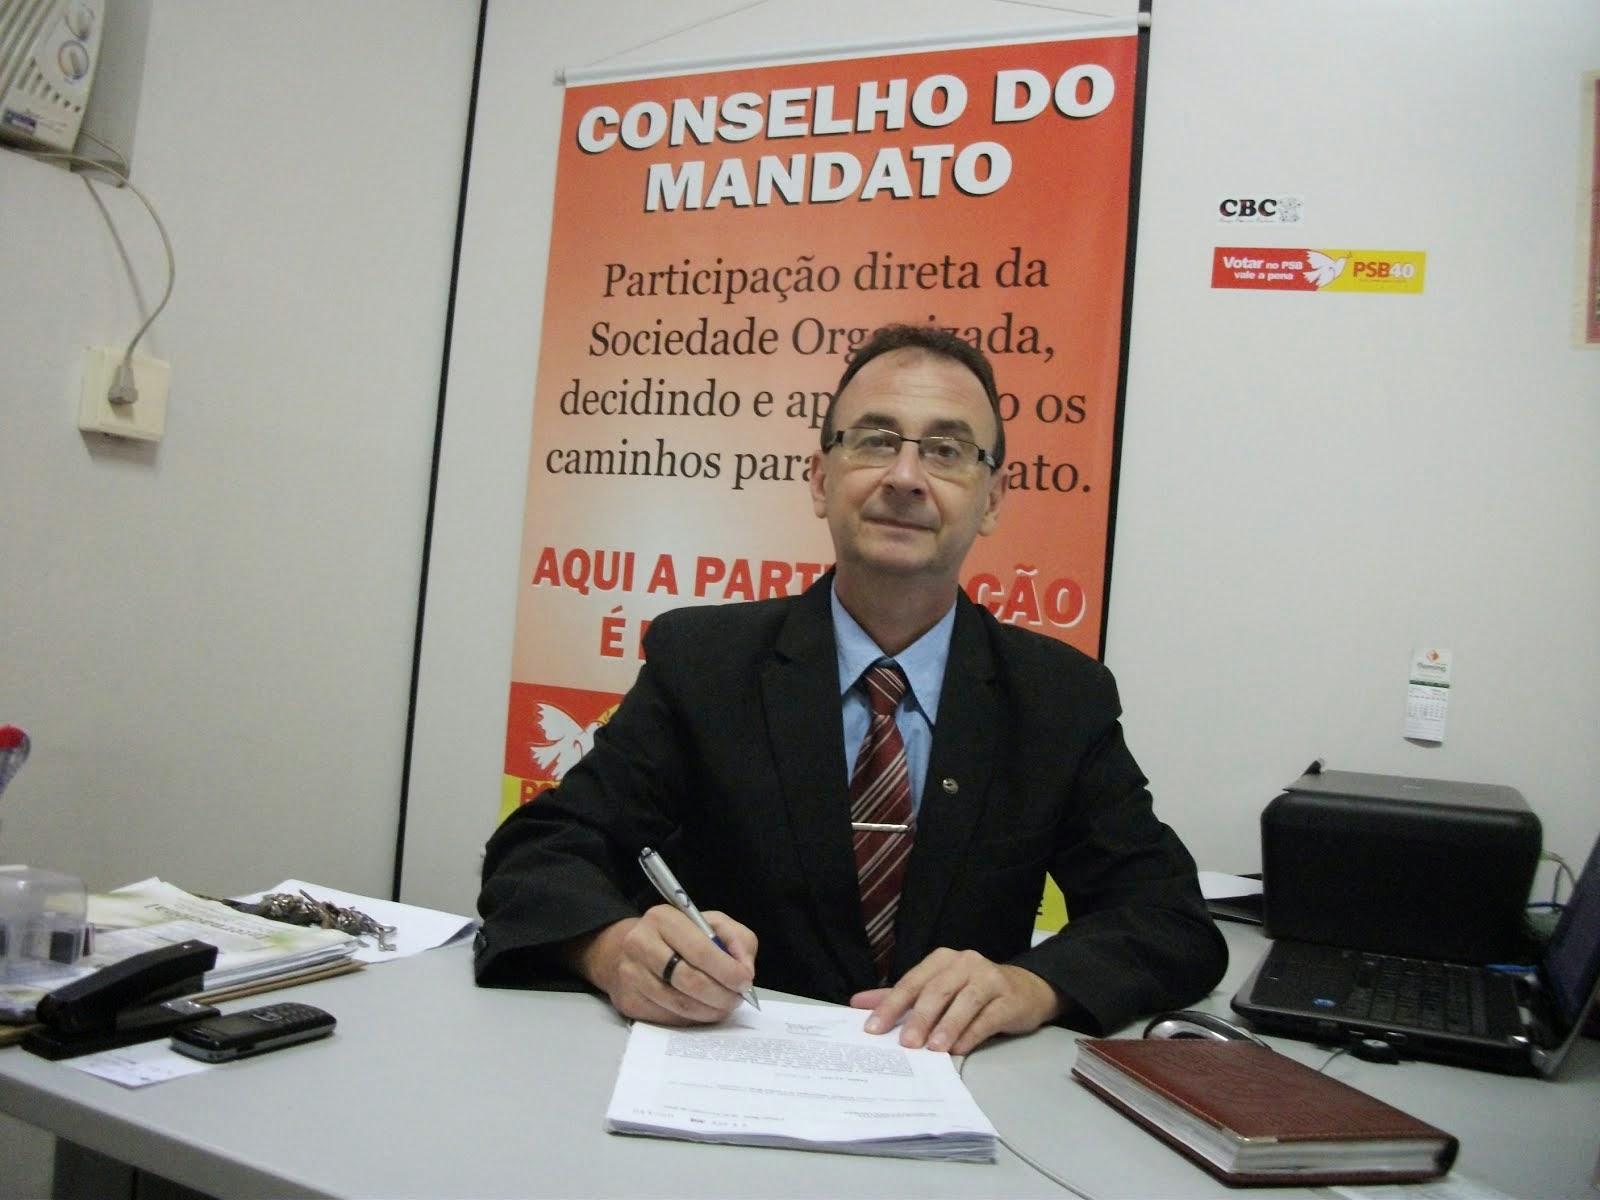 VEREADOR PEDE CRIAÇÃO DE FRENTE PARLAMENTAR